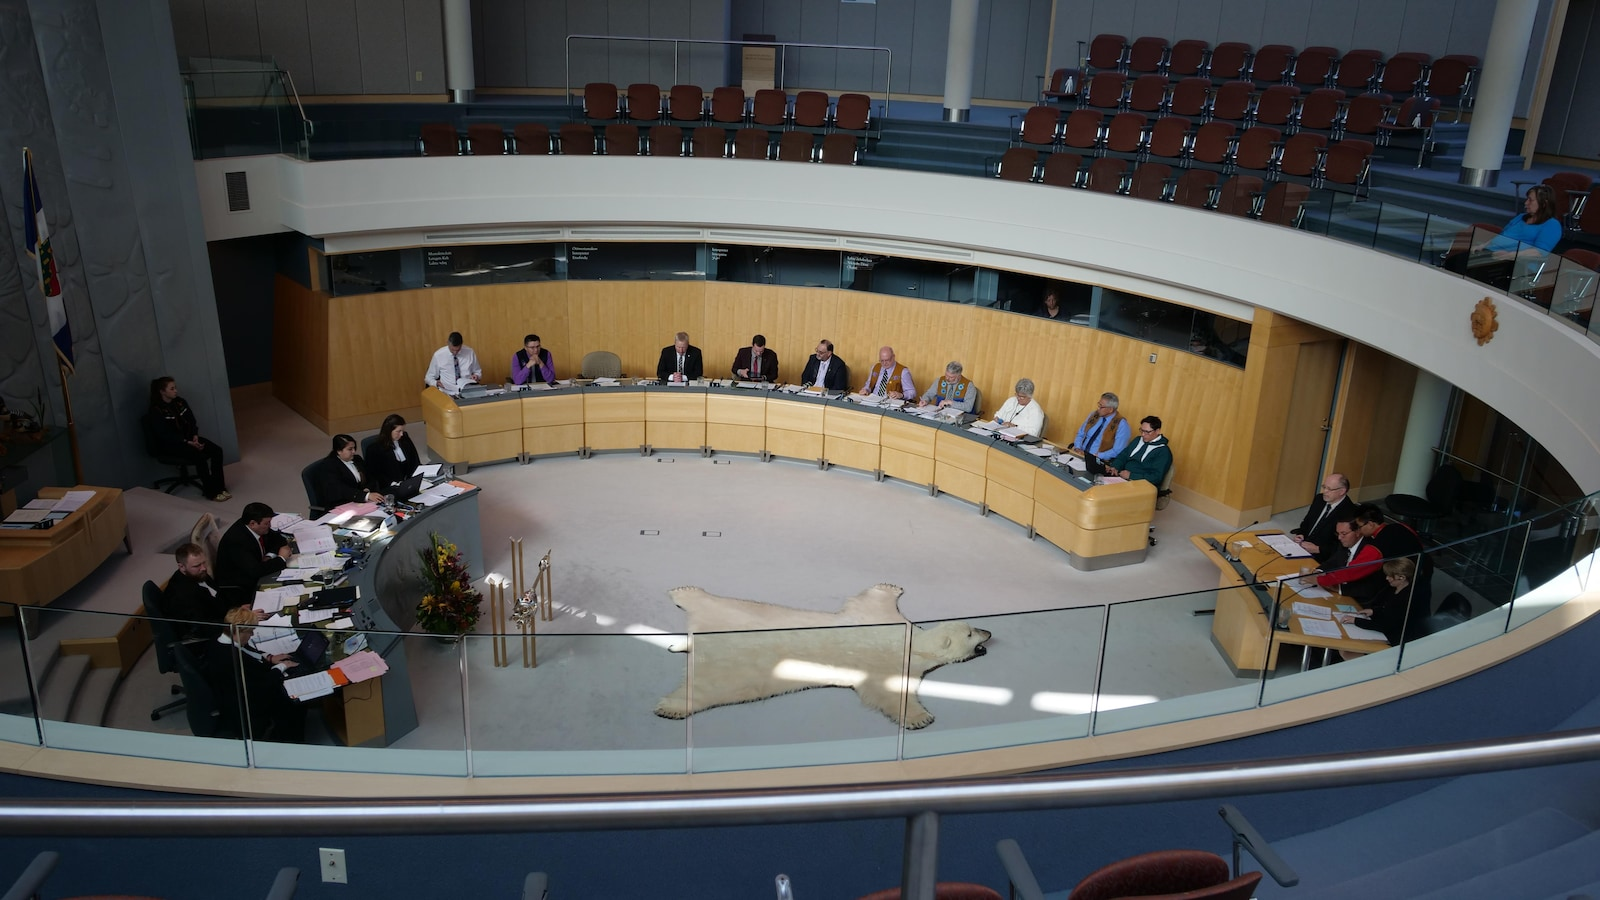 La chambre de l'Assemblée législative des Territoires du Nord-Ouest